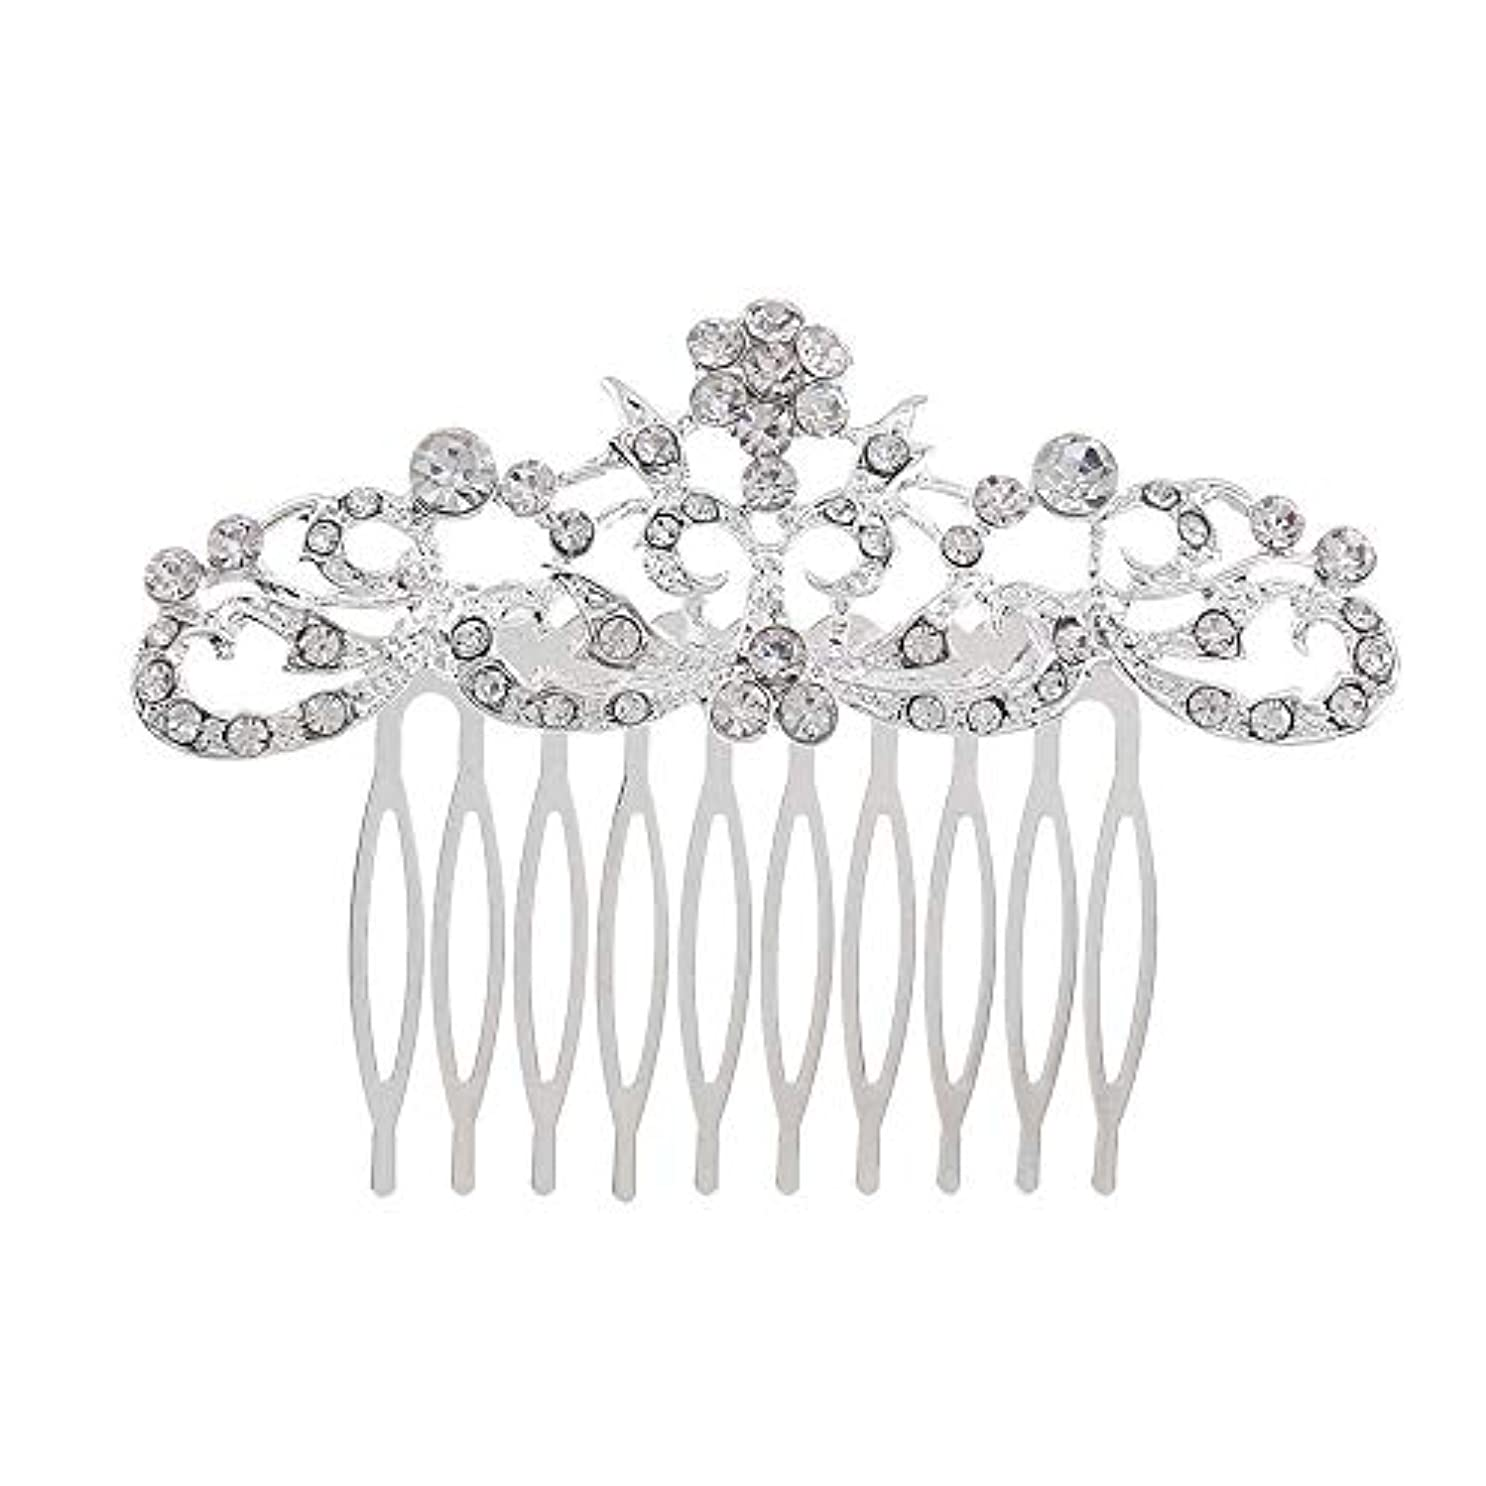 髪の櫛の櫛の櫛の花嫁の髪の櫛のファッションラインストーンの櫛の櫛の花嫁の頭飾りの結婚式のアクセサリー